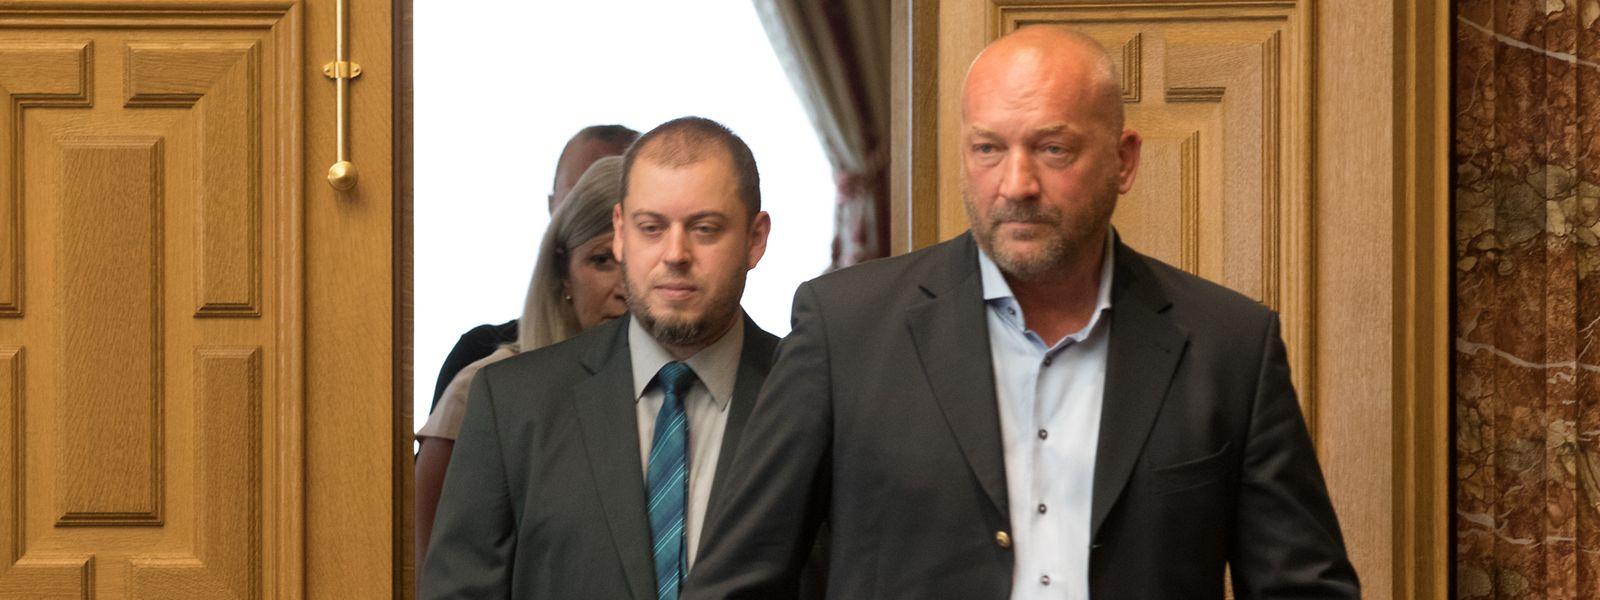 Mike Clemens et Daniel Frères, initiateur et pétitionnaire de la pétition n°1156 pour l'interdiction des battues au Luxembourg, entrent au parlement.